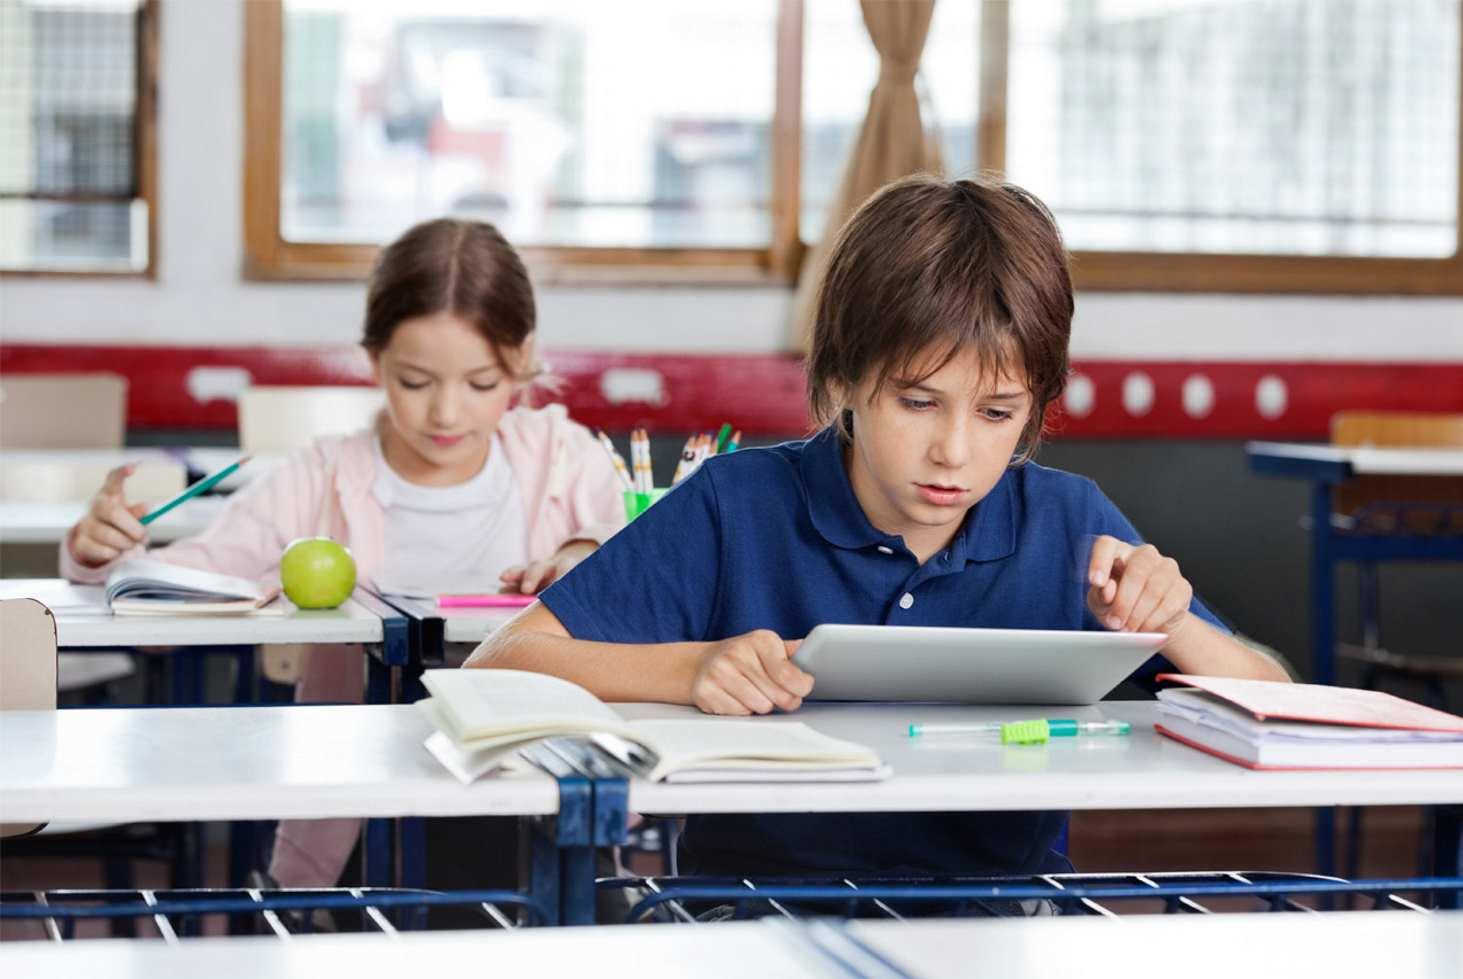 Минпросвещения не нашло пробелов в знаниях школьников по итогам ВПР